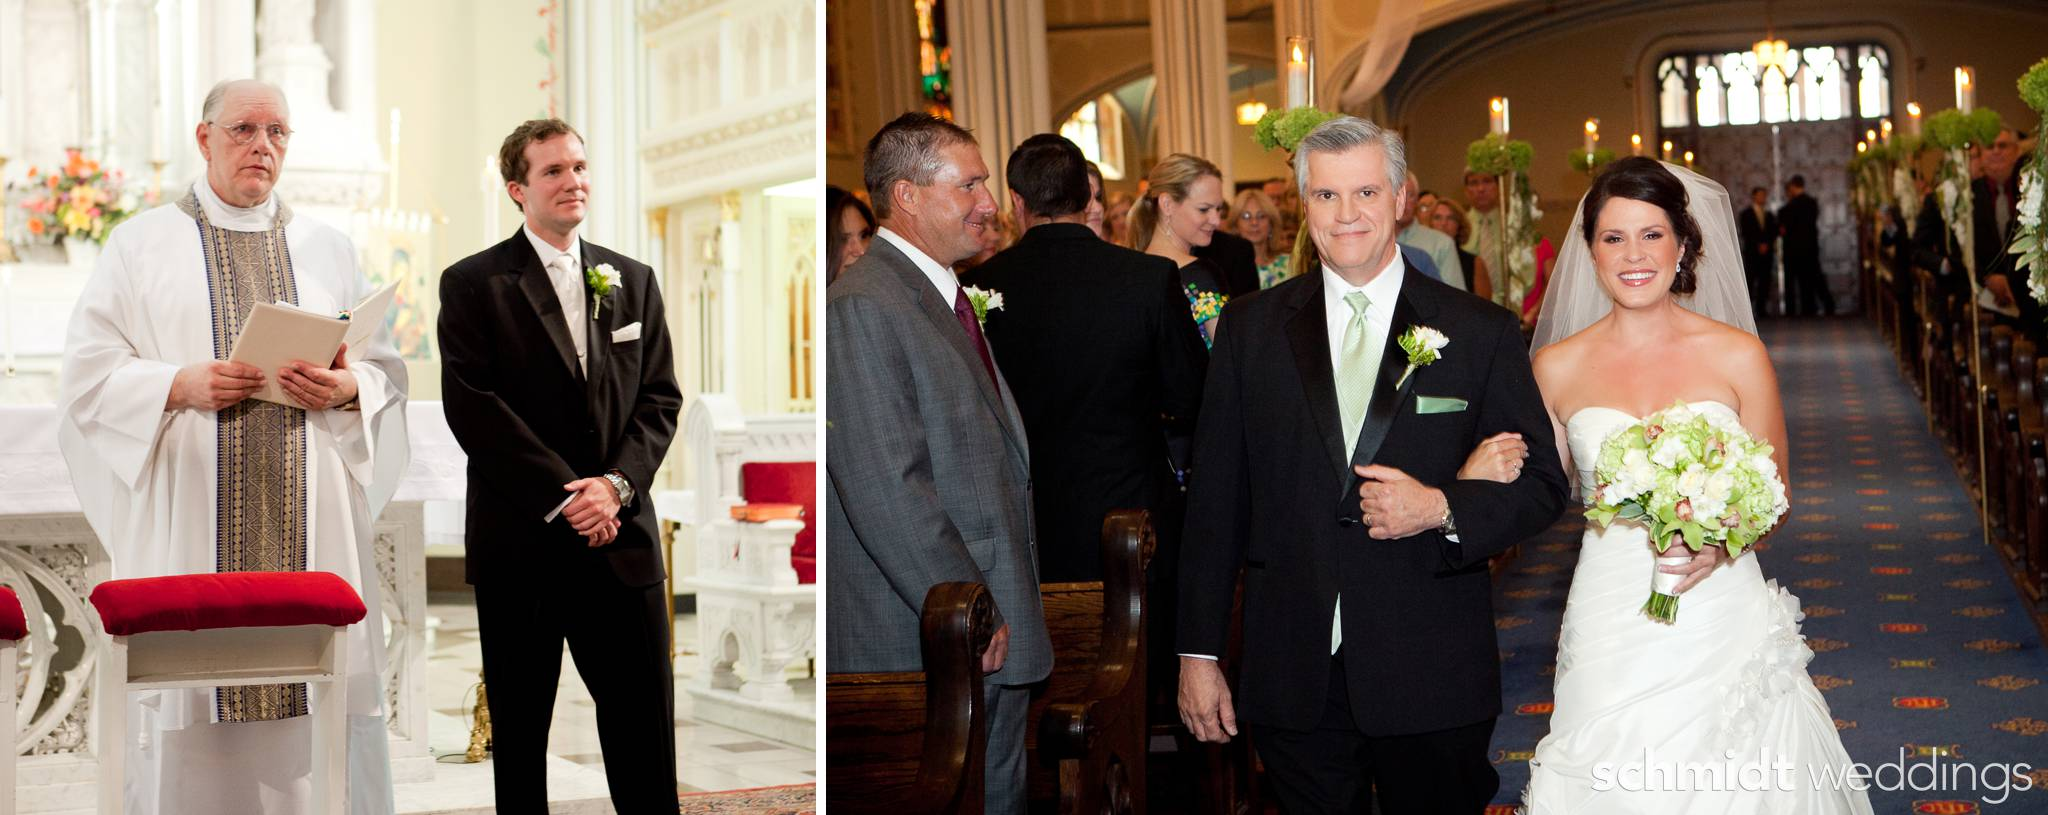 Catholic Wedding Ceremony Photo ideas Tom Schmidt